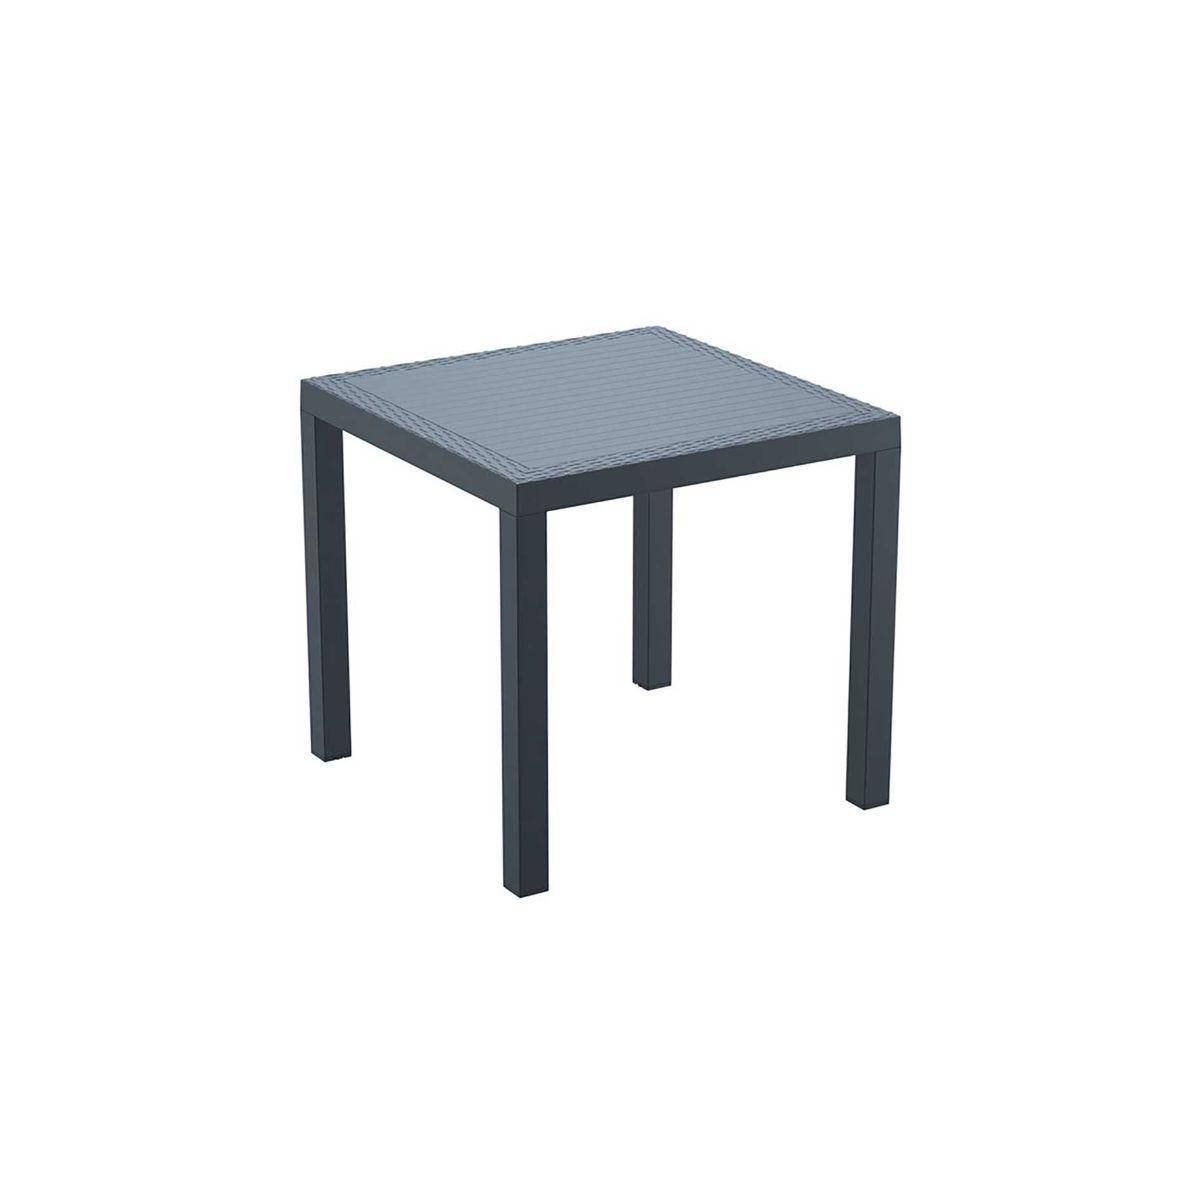 Ridge Indoor or Outdoor Table in Dark Grey, Dark grey